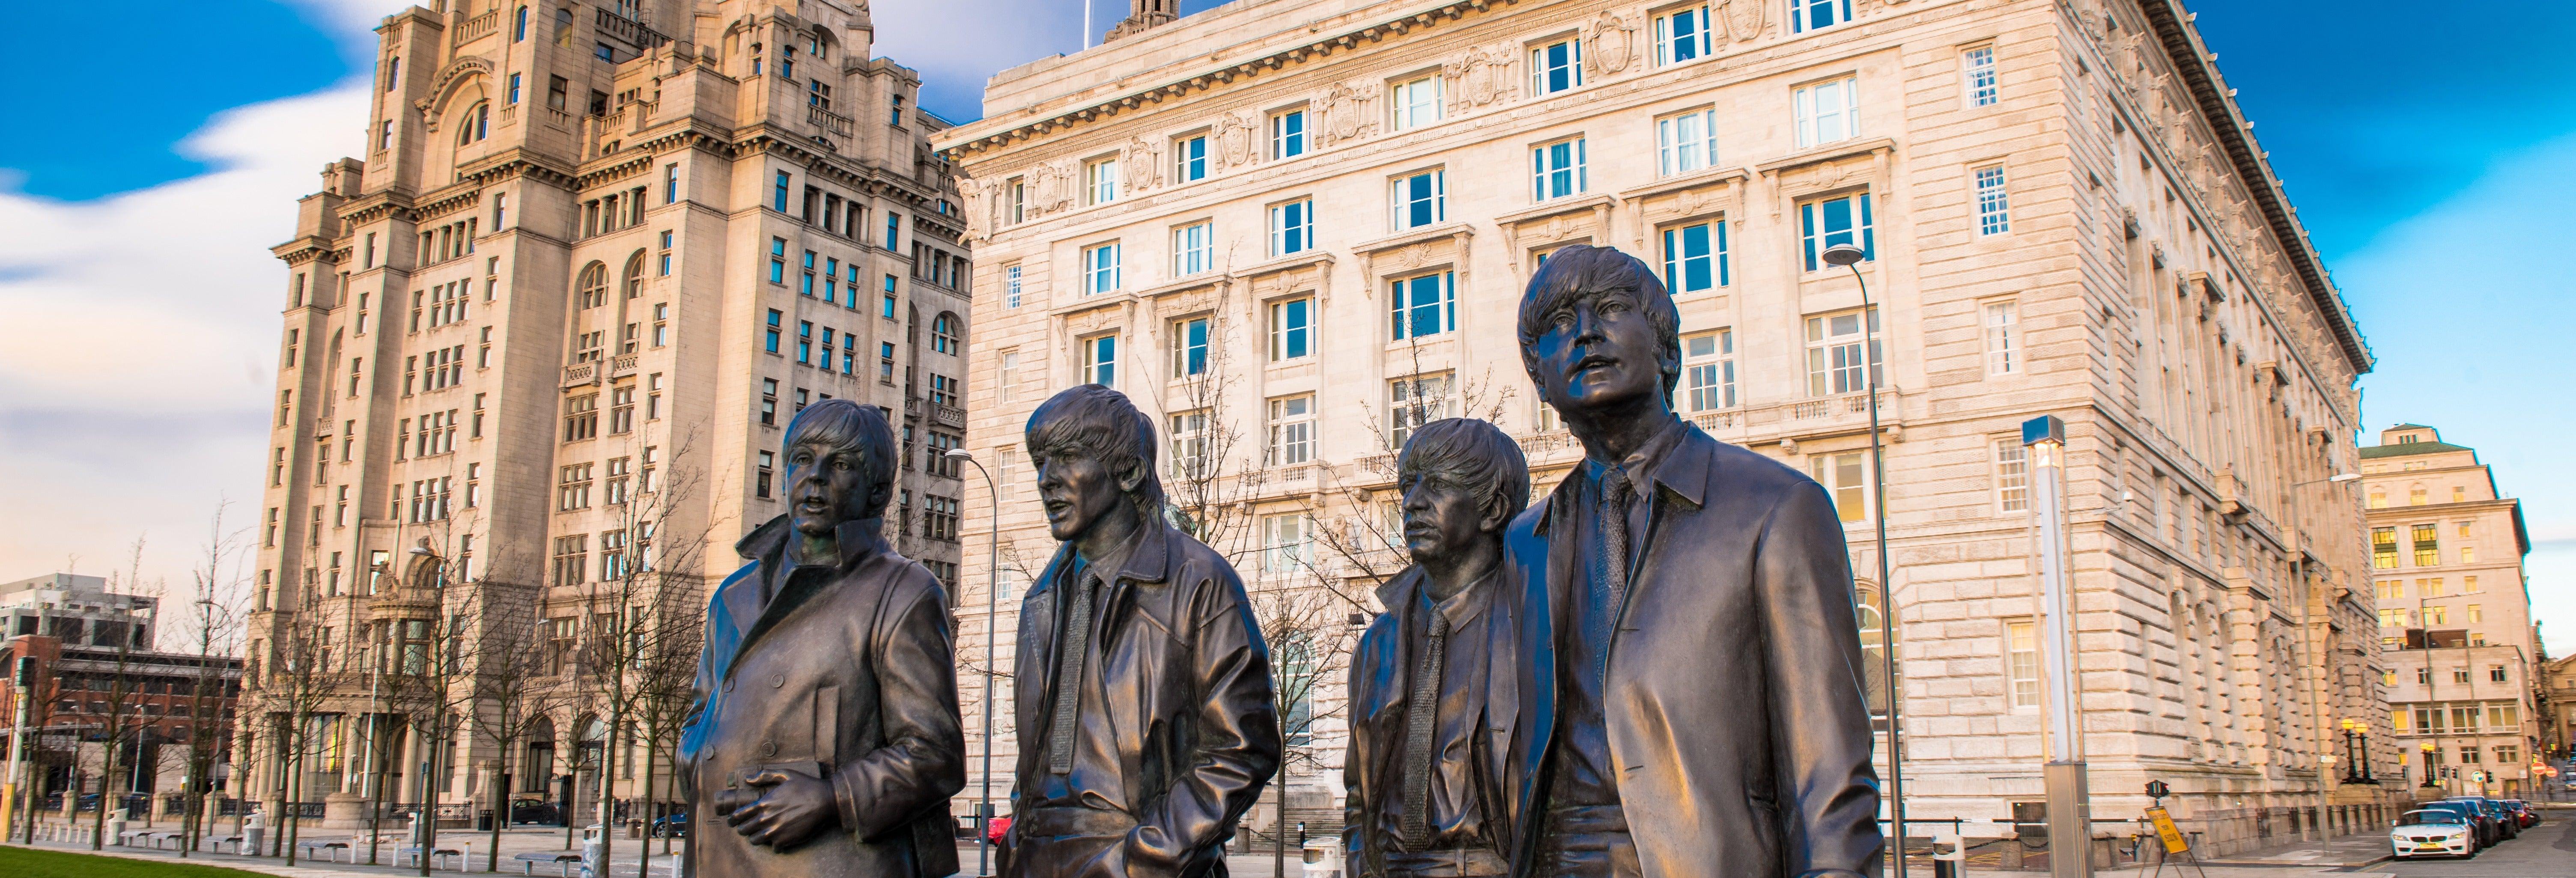 Excursion à Liverpool